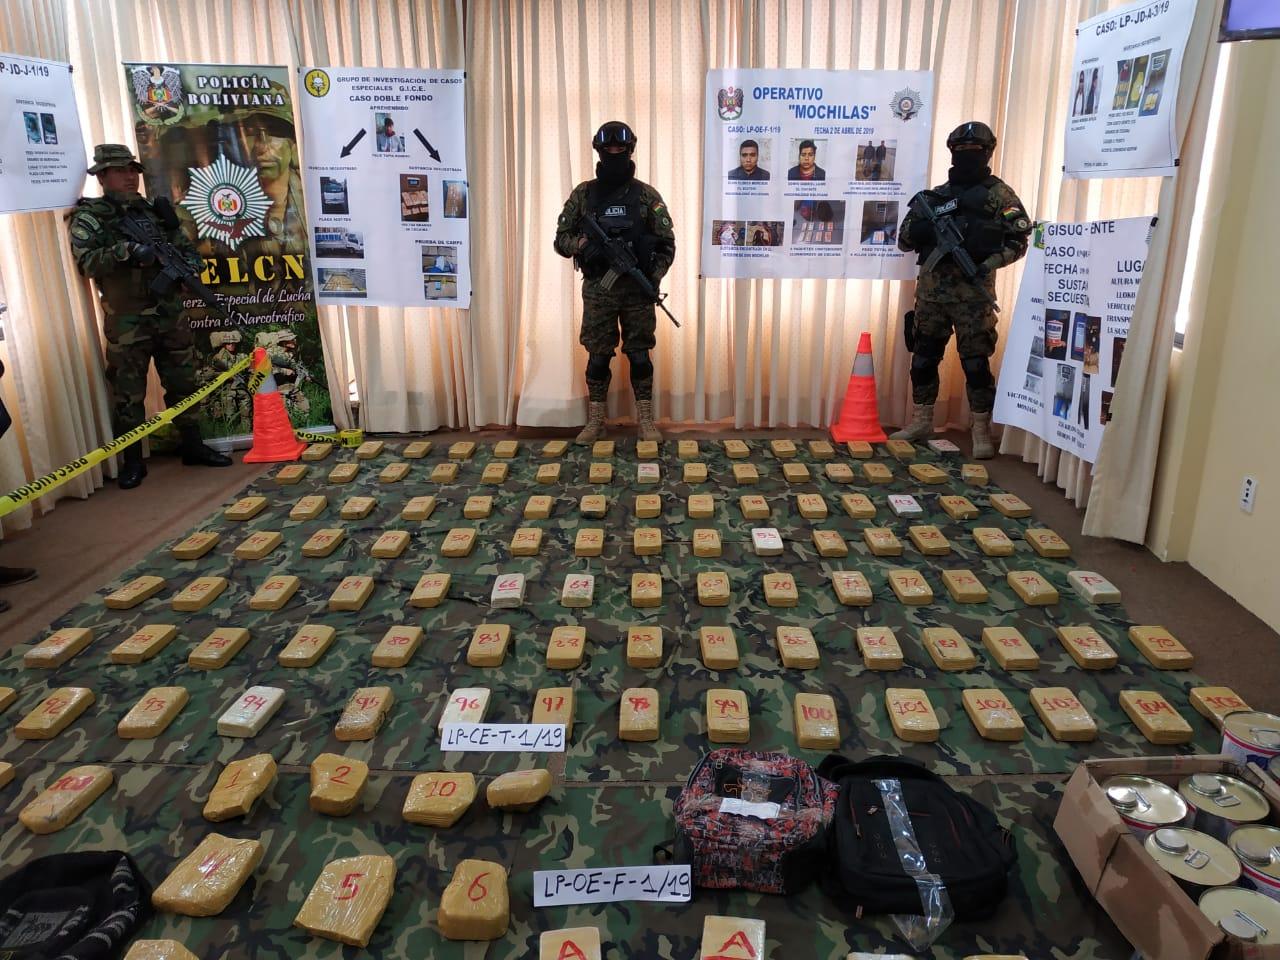 Paquetes de cocaína y marihuana incautadas en operativos de la FELCN / ÁNGEL SALAZAR